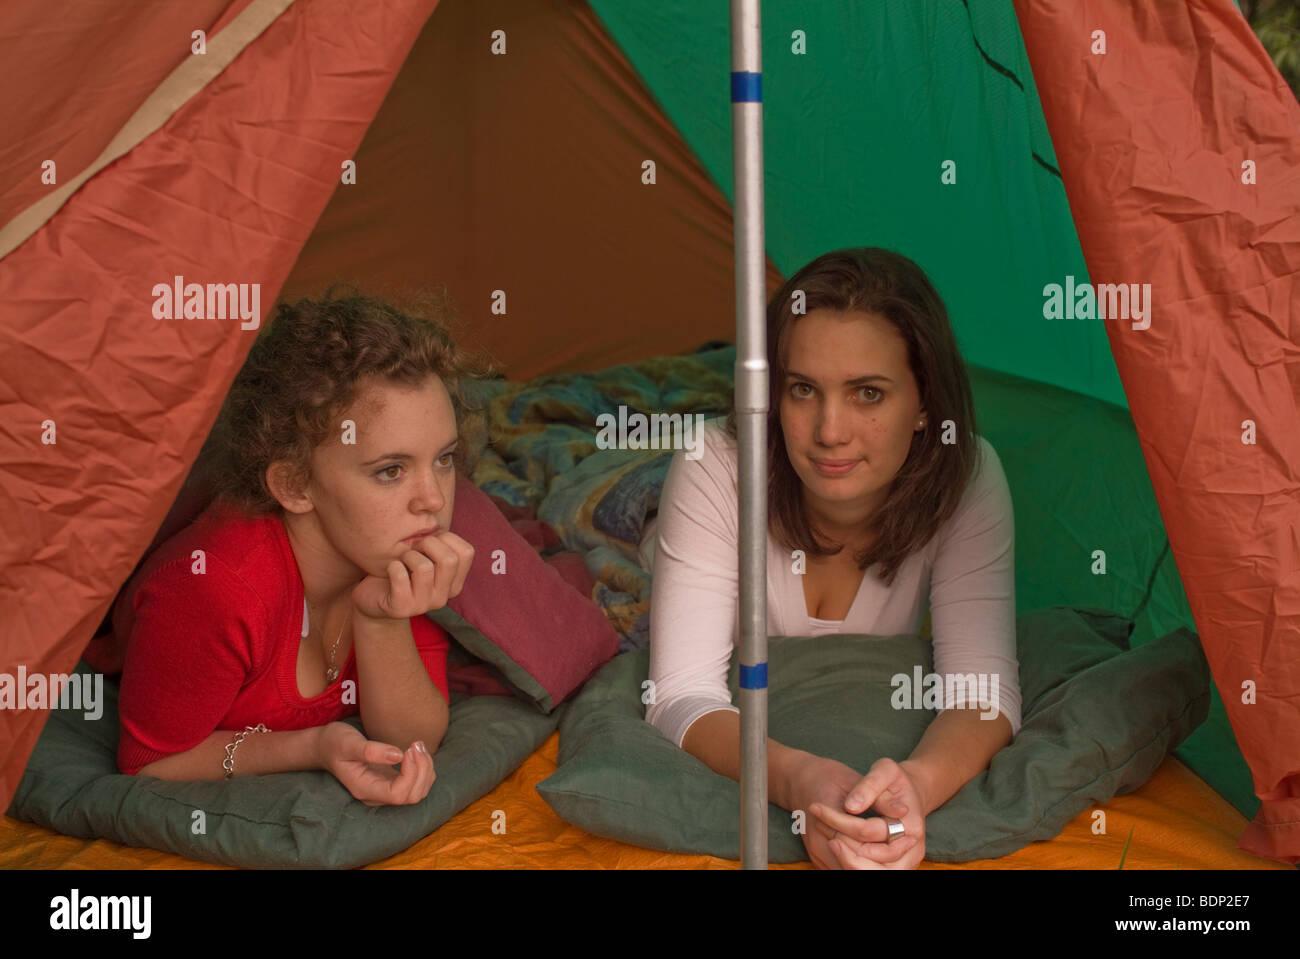 Campingplatz mädchen Kostenloses dorf